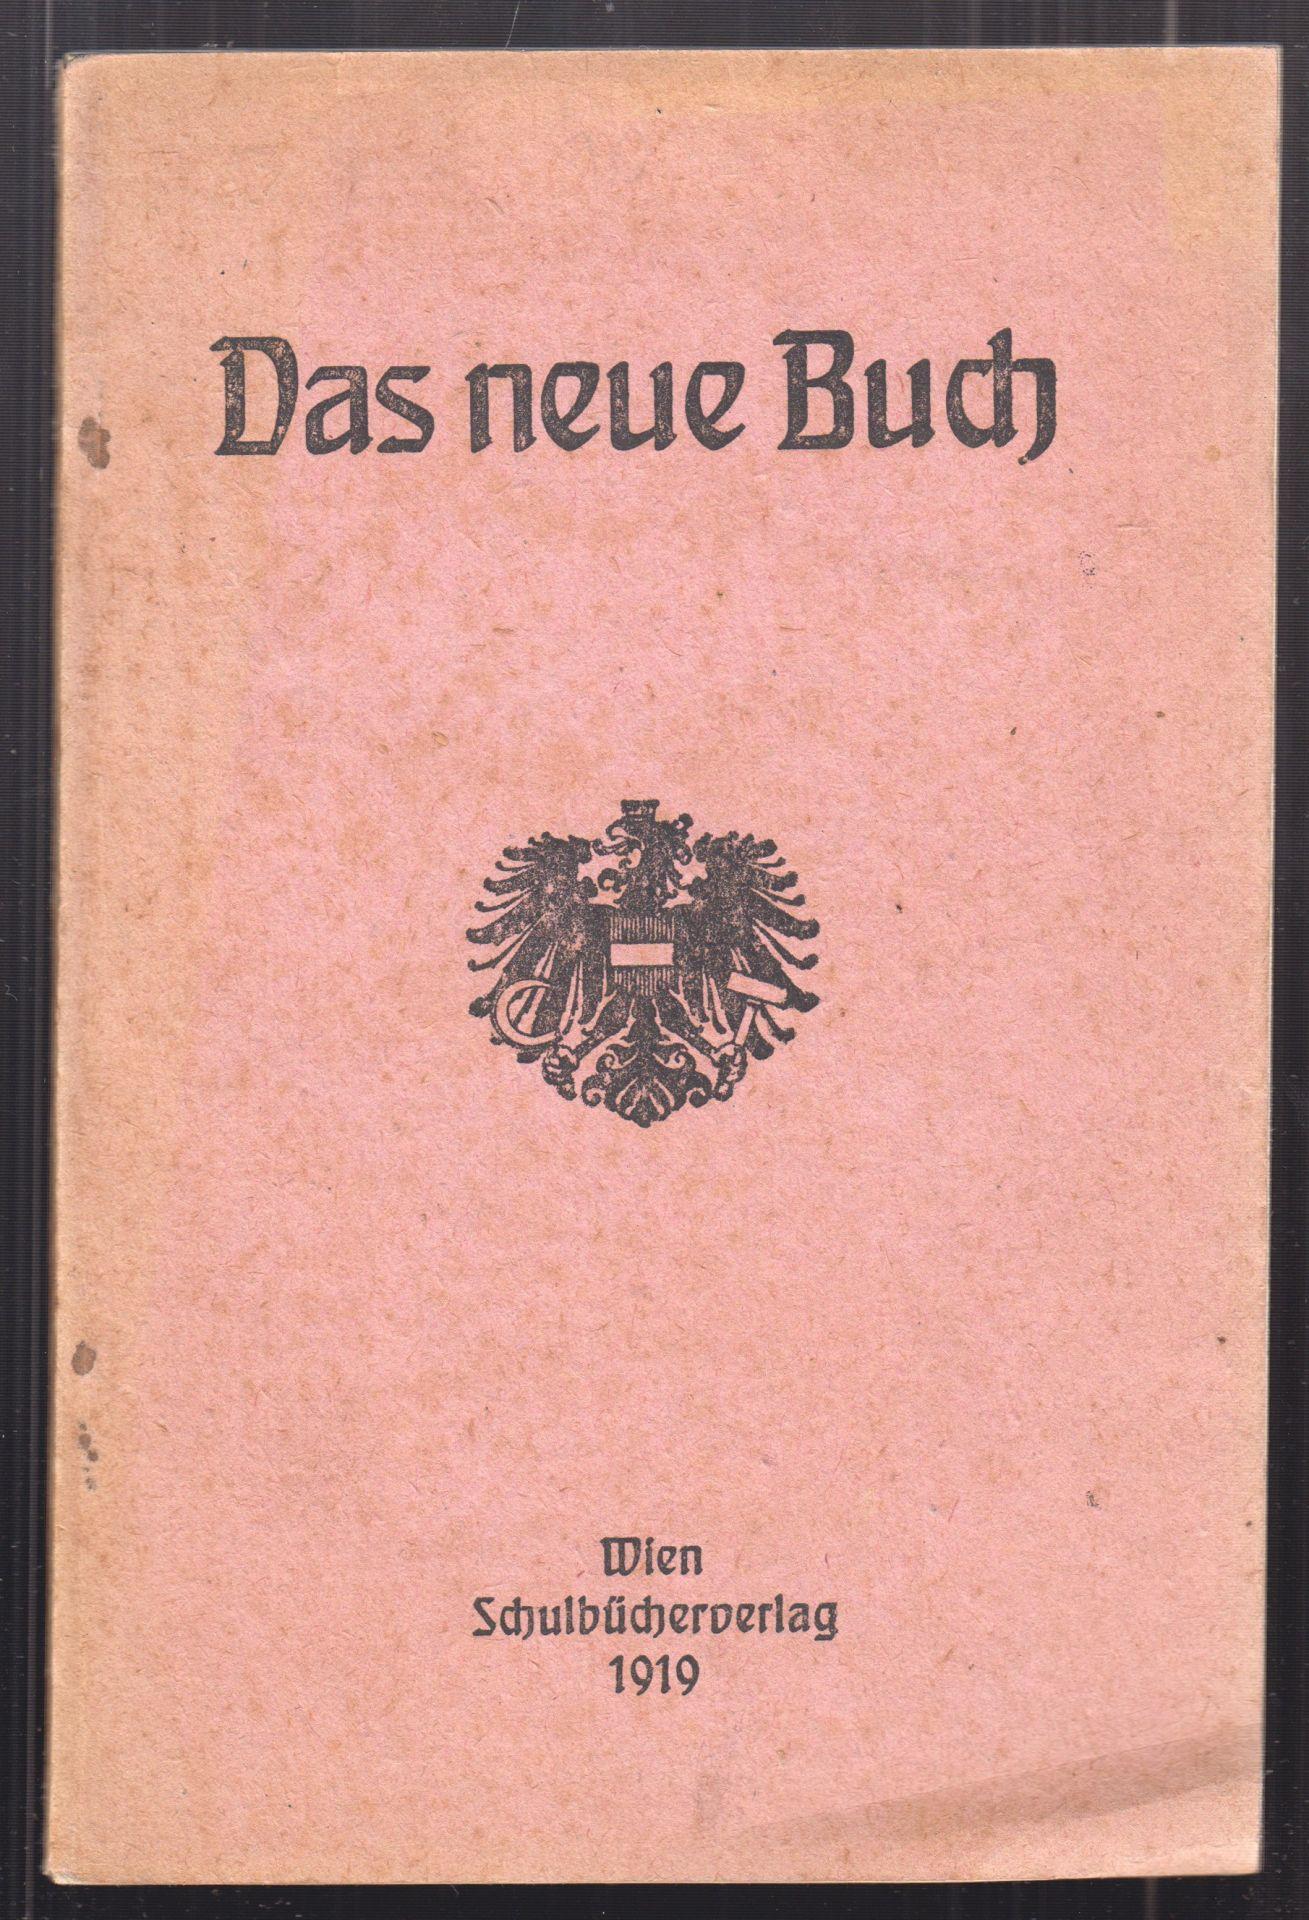 Das neue Buch für das 2. und 3. Schuljahr. Zusammengestellt vom Schulbücher-Ausschuß des Deutschösterreichischen Unterrichtsamtes,